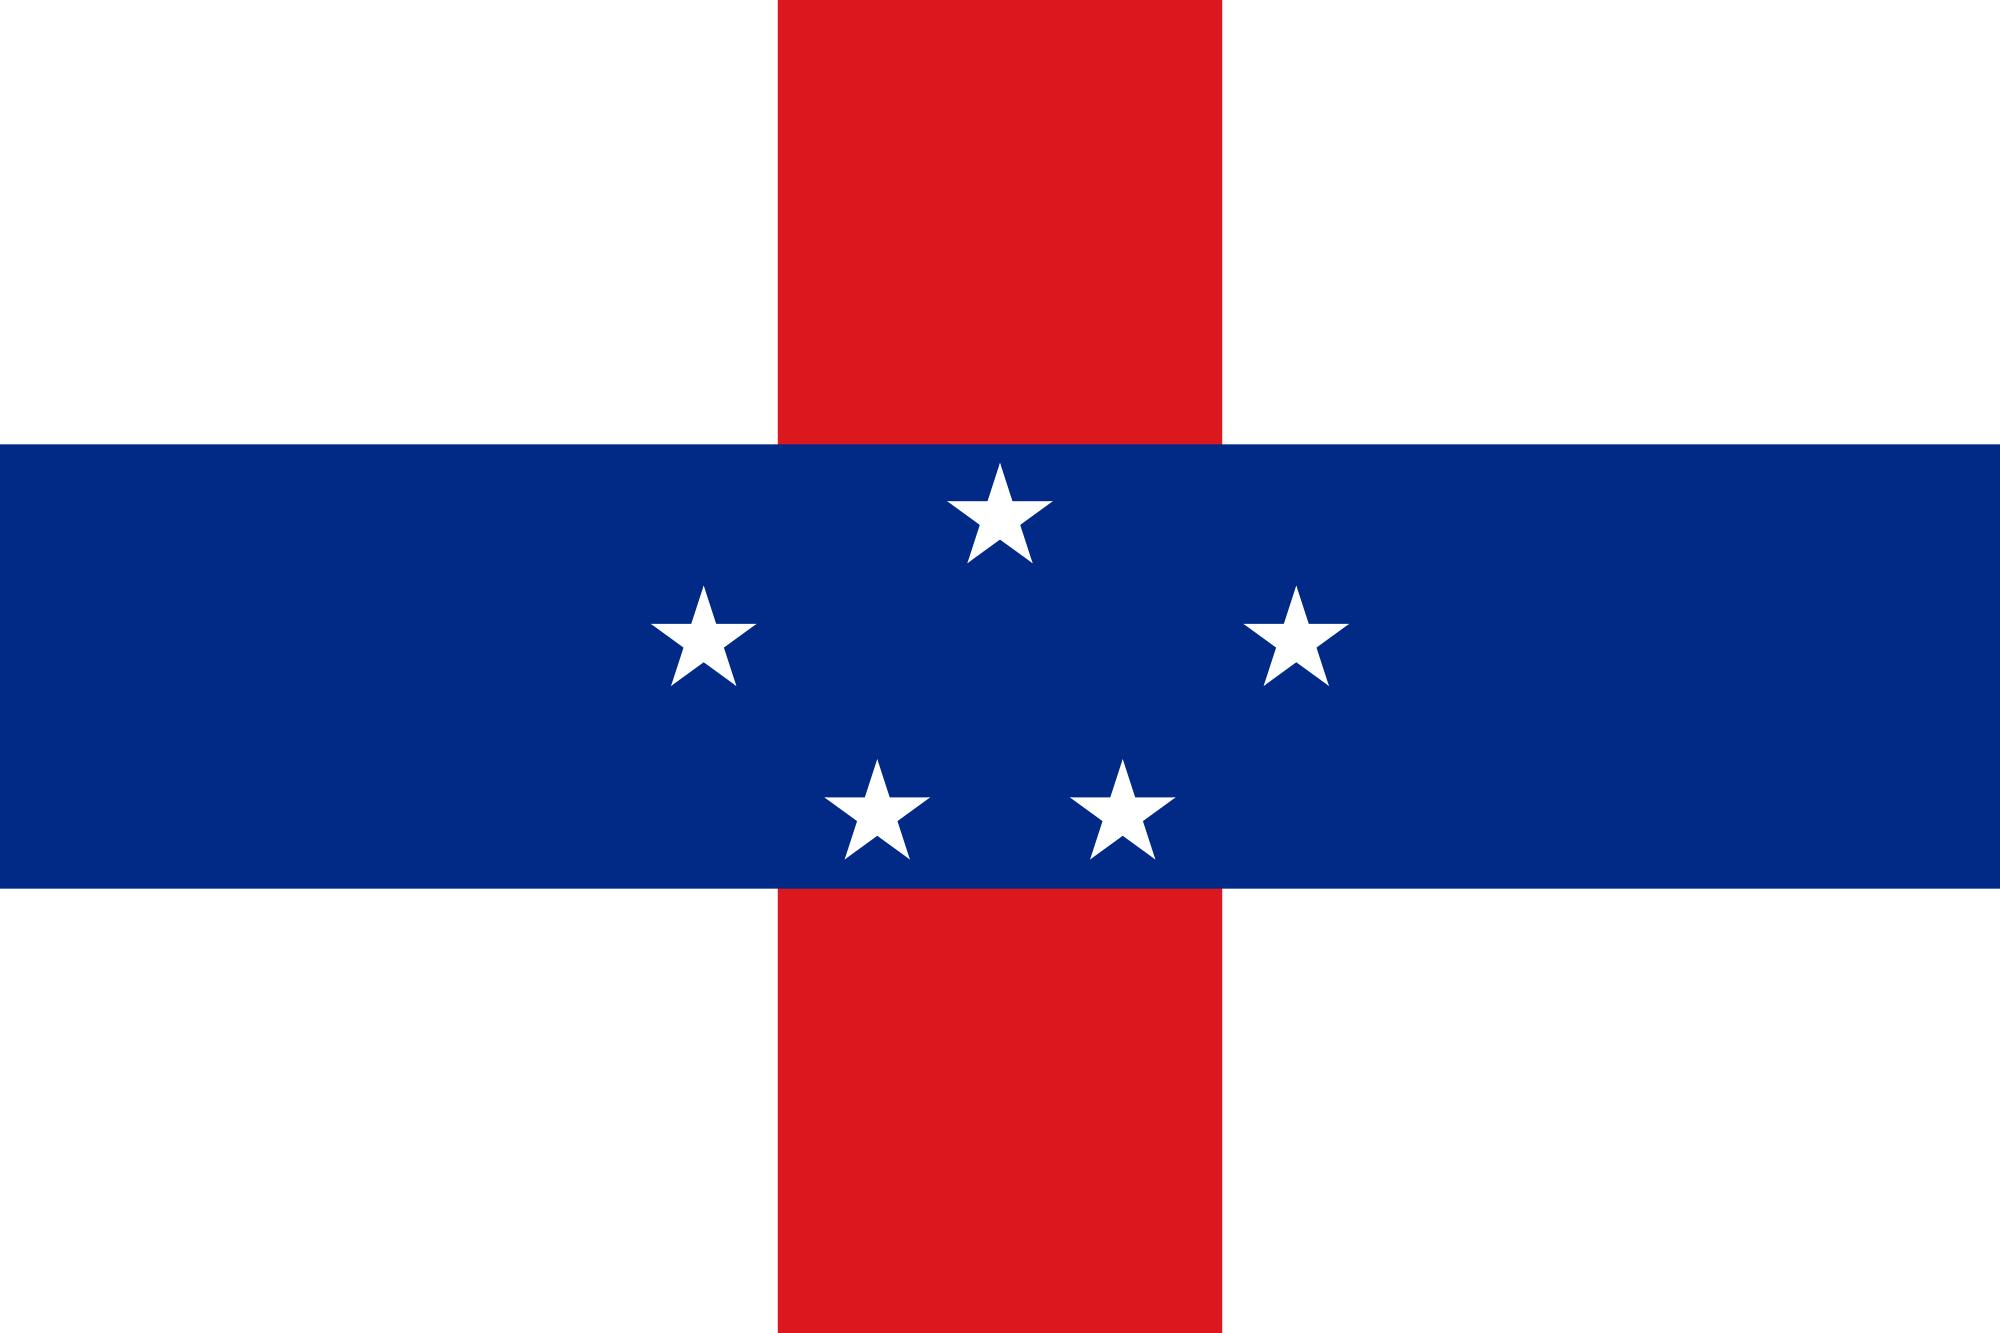 Antilhas Holandesas, país, Brasão de armas, logotipo, símbolo - Papéis de parede HD - Professor-falken.com